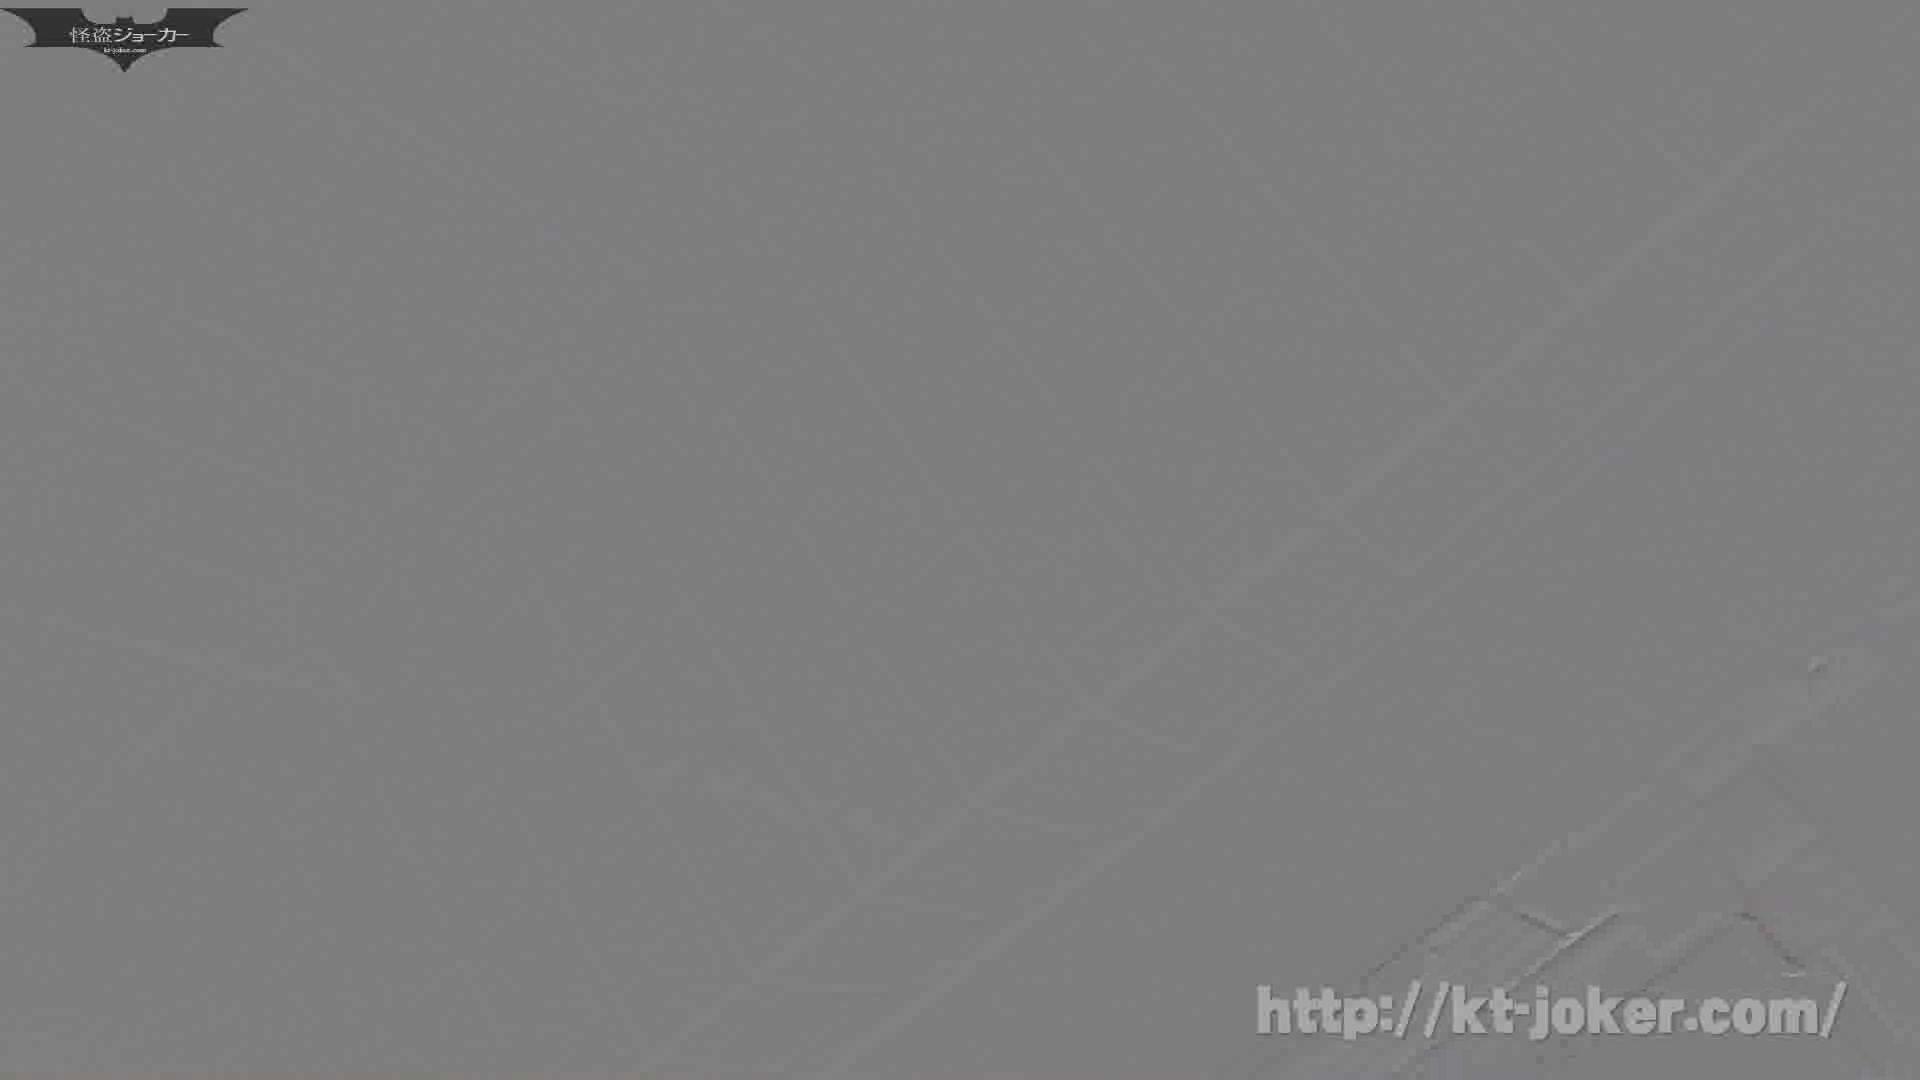 命がけ潜伏洗面所! vol.58 さらなる無謀な挑戦、新アングル、壁に穴を開ける OLエロ画像 のぞき濡れ場動画紹介 72PICs 2